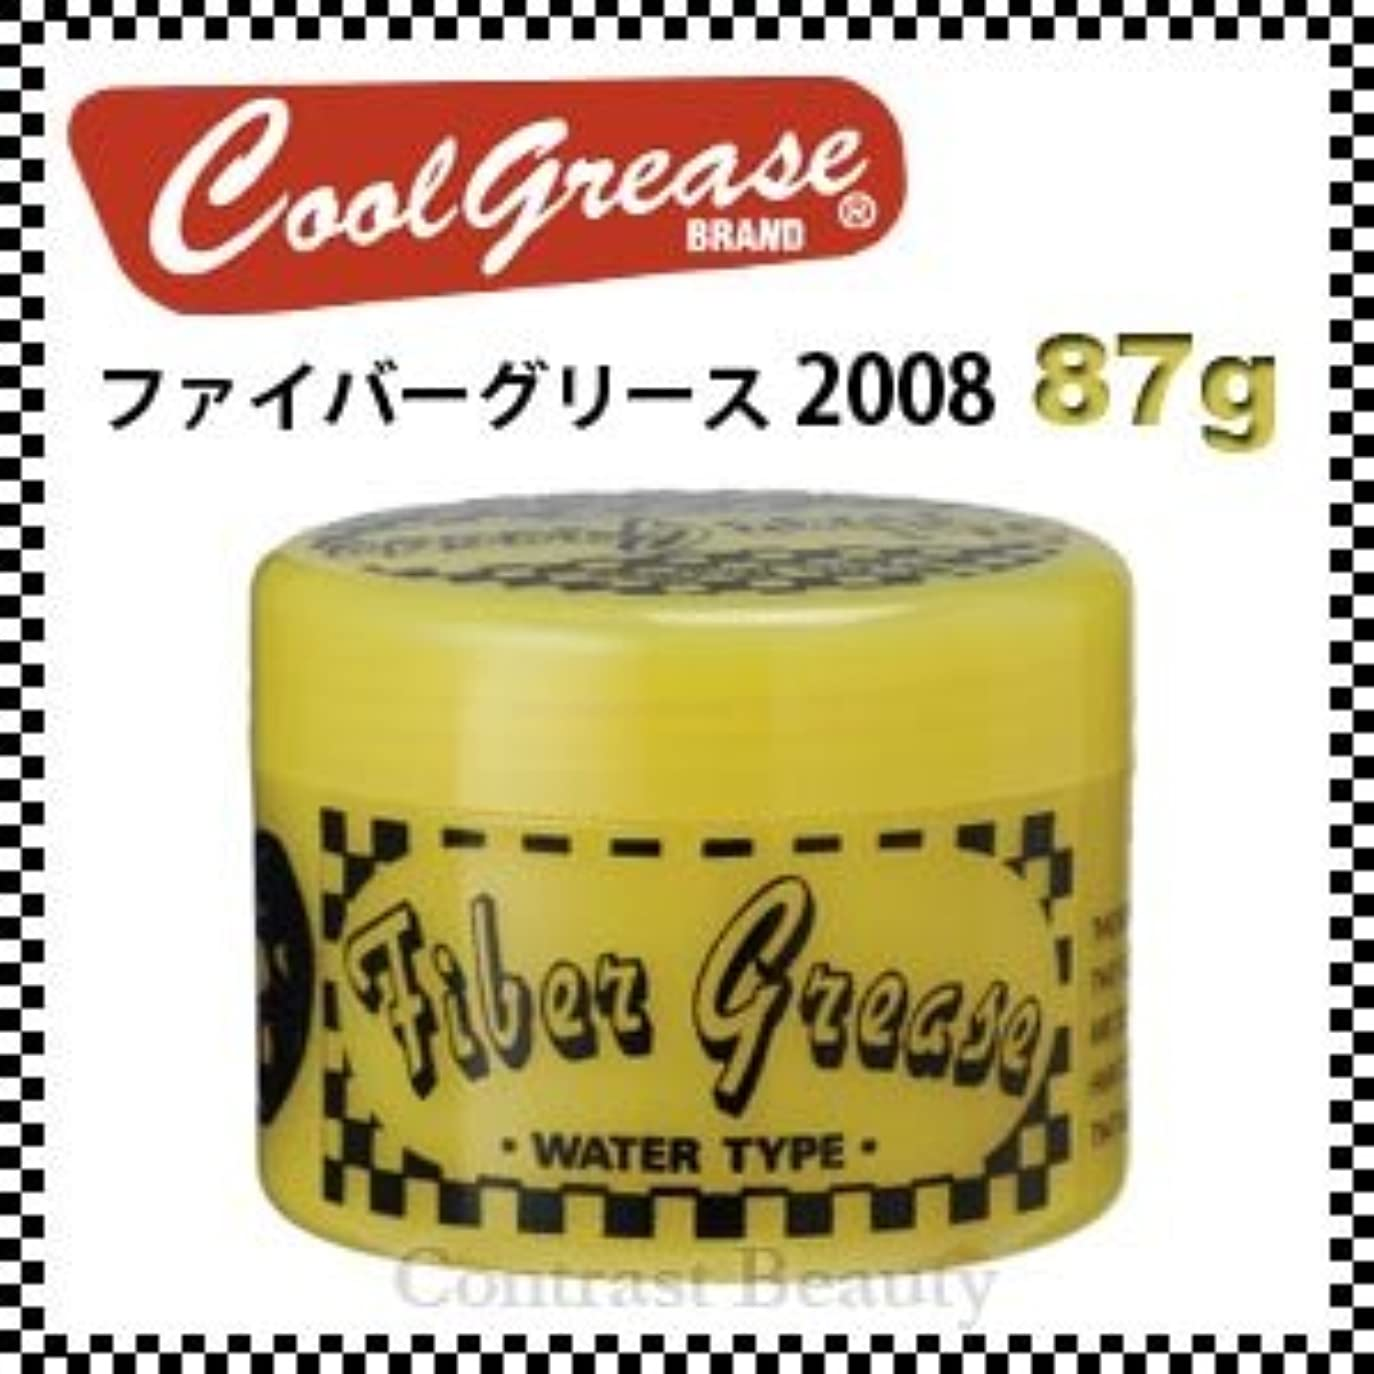 ミシンアクション旅【X2個セット】 阪本高生堂 ファイバーグリース 2008 87g